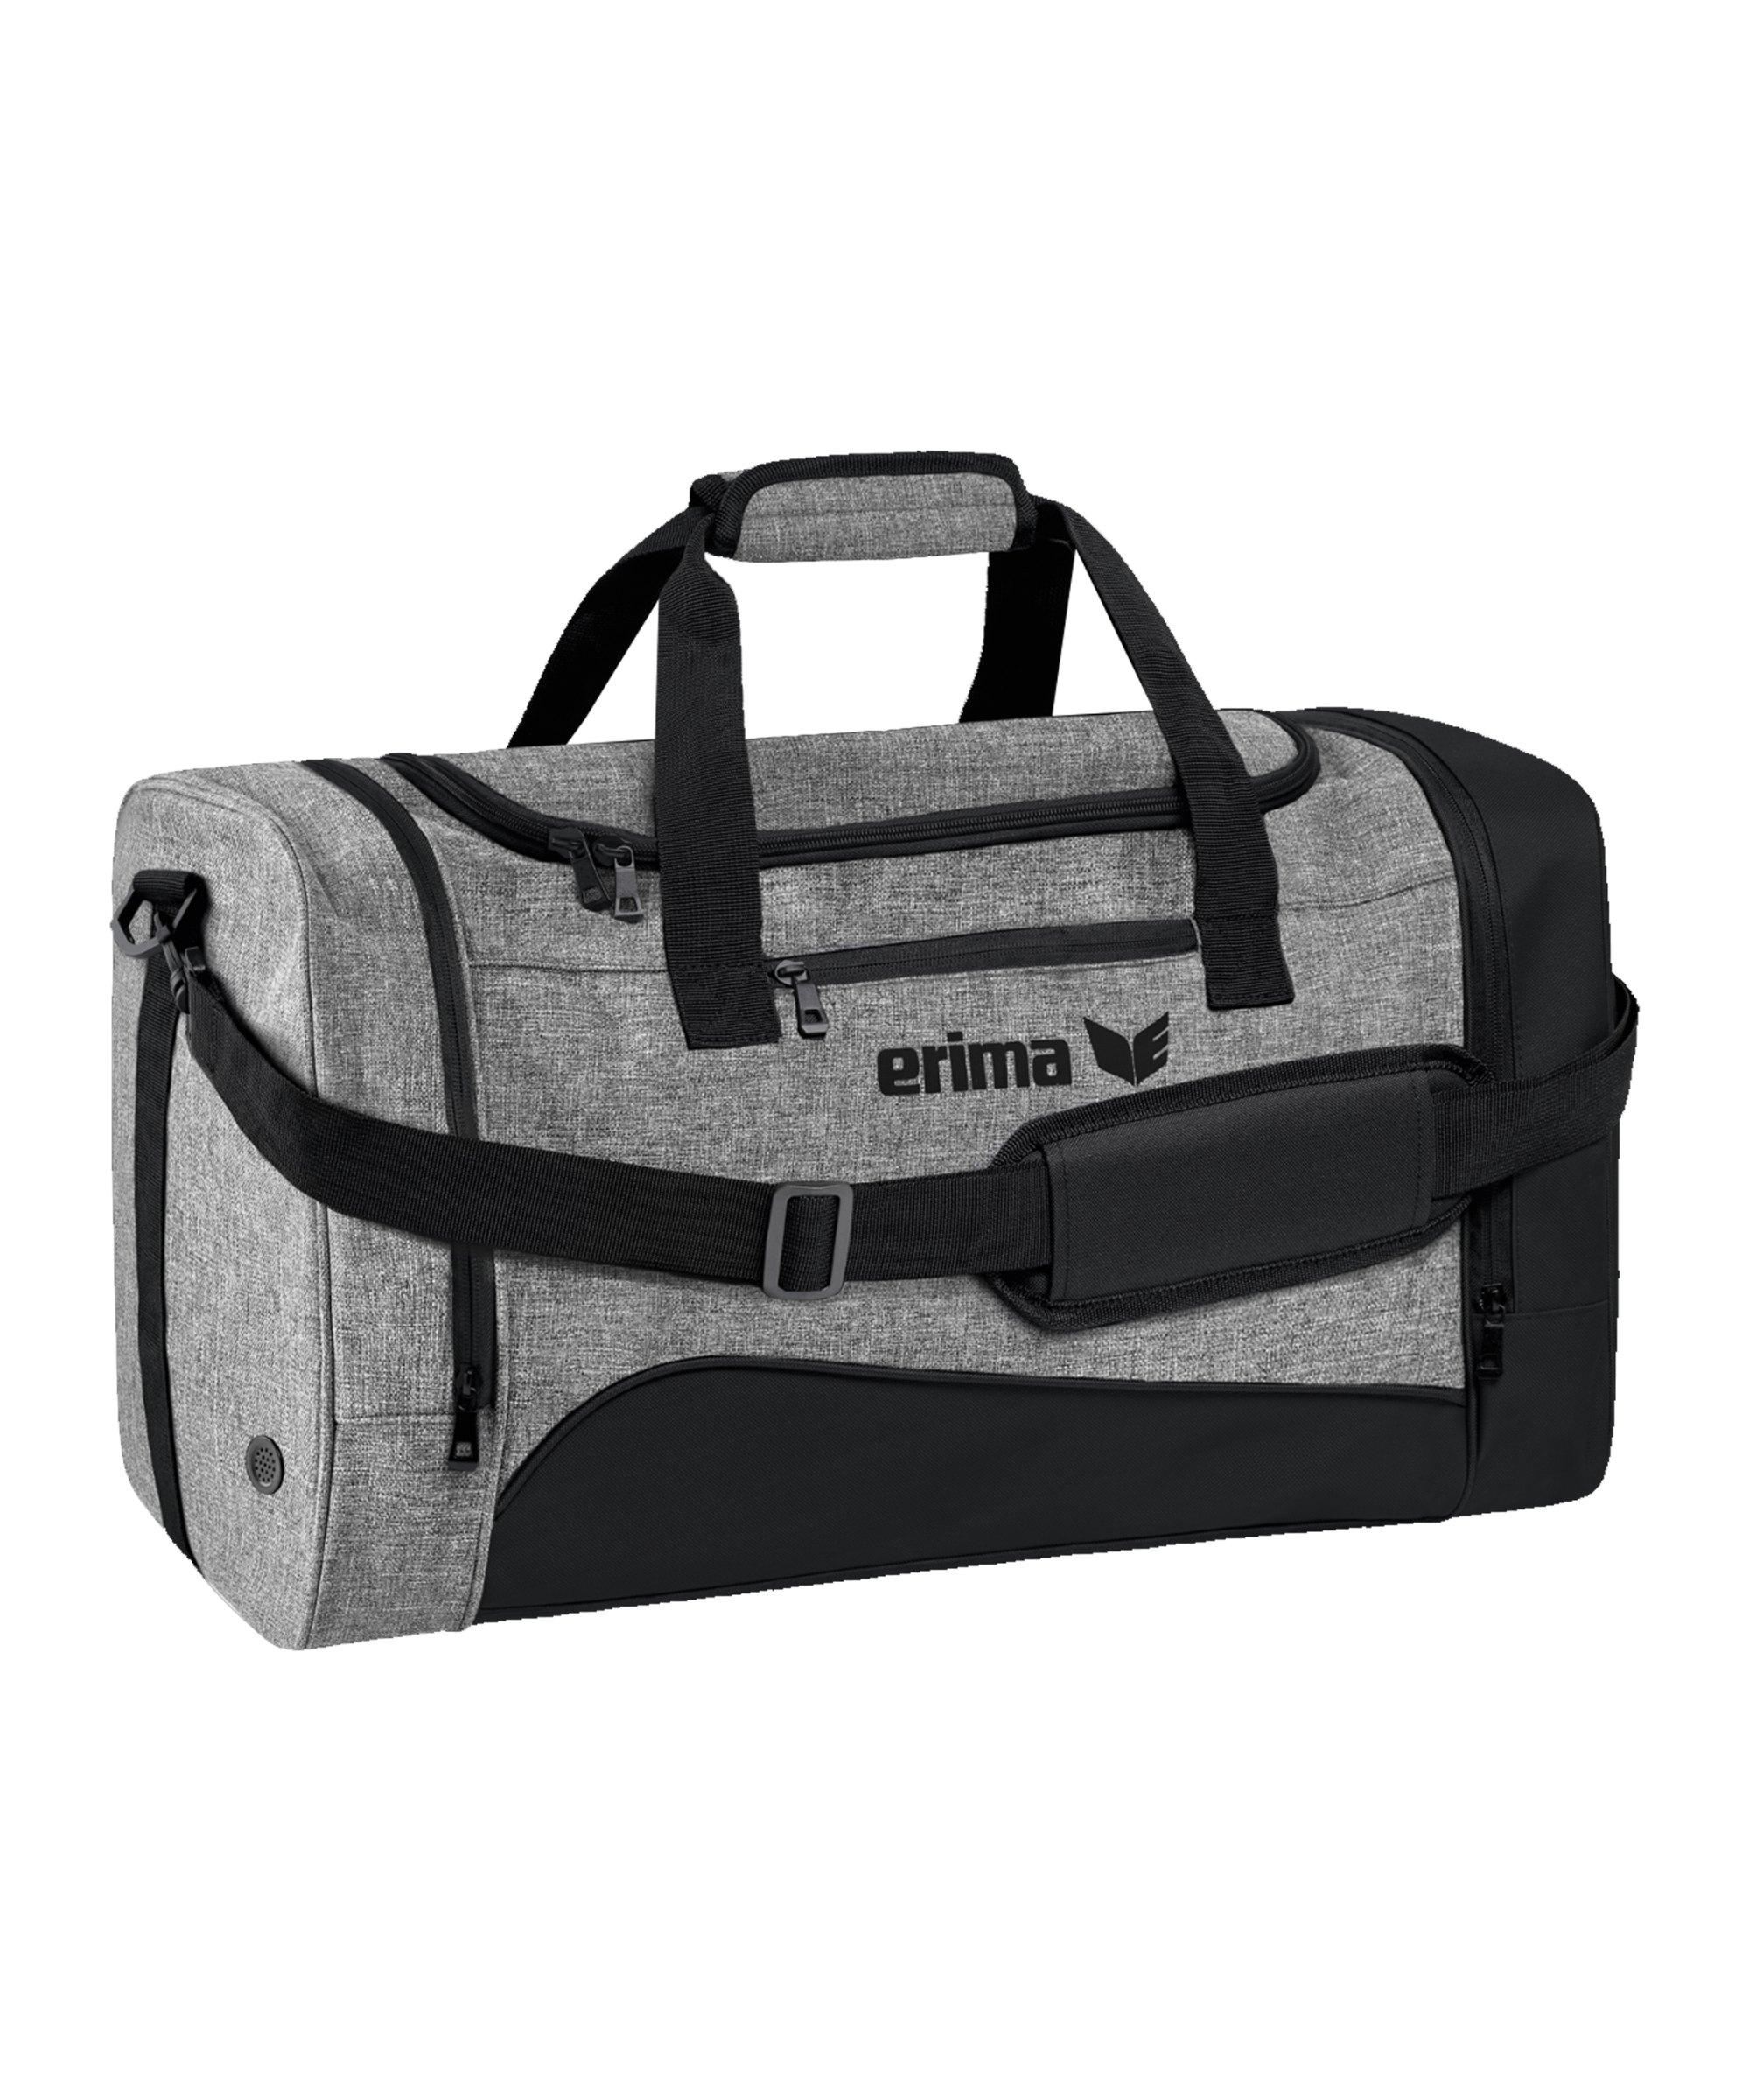 Erima Club 1900 Tasche Gr. S Schwarz Grau - schwarz